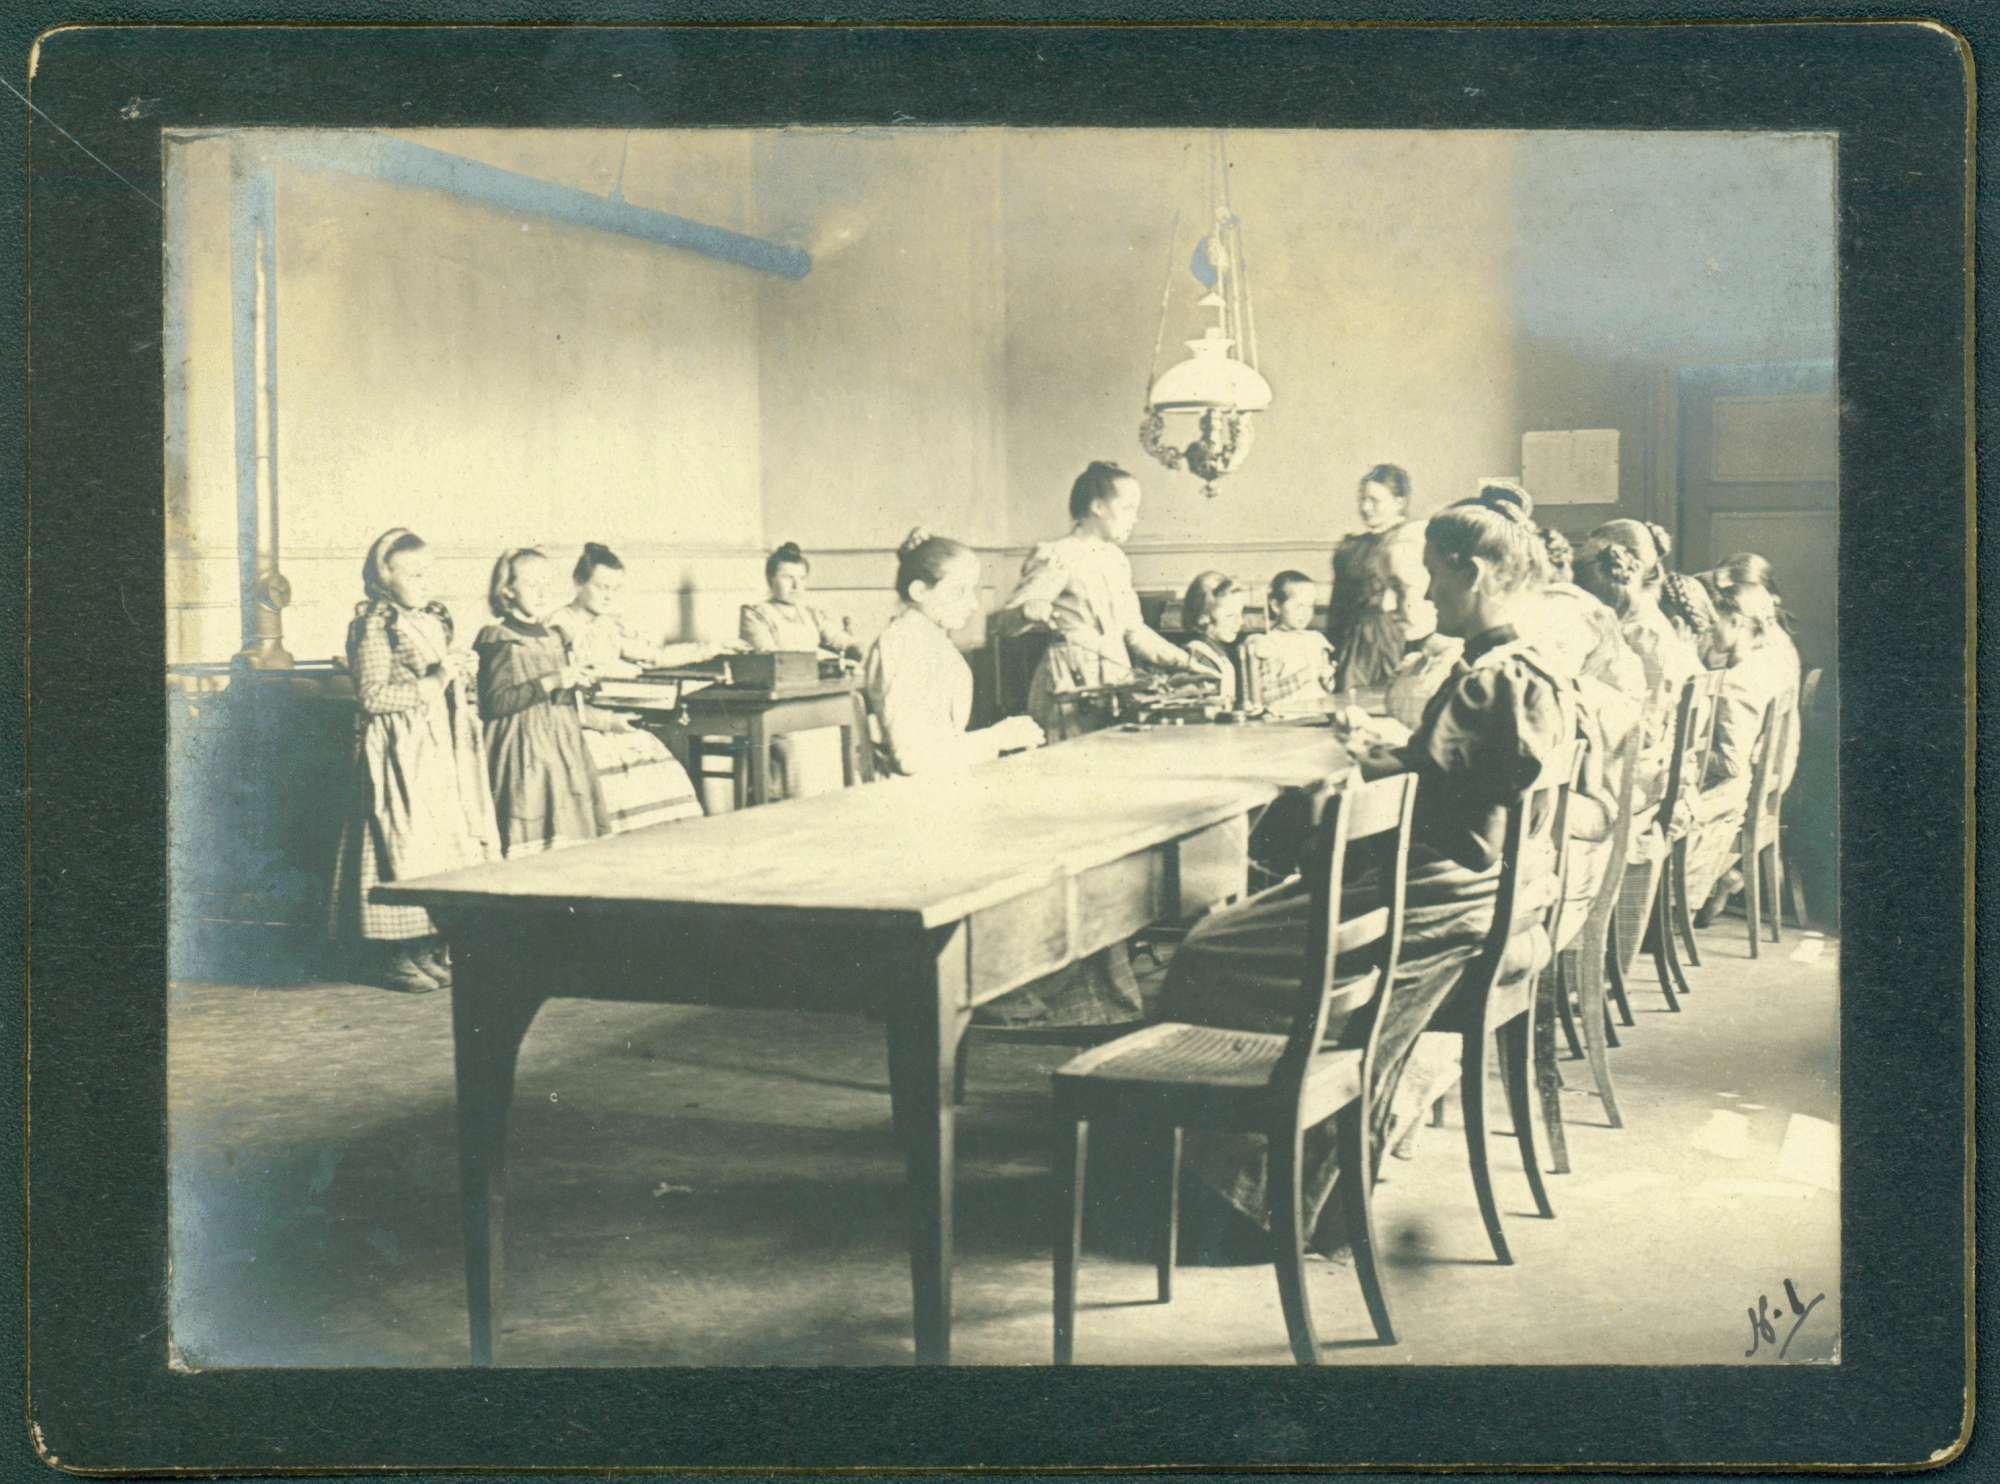 Arbeitsraum, Frauen bei Handarbeiten., Bild 1